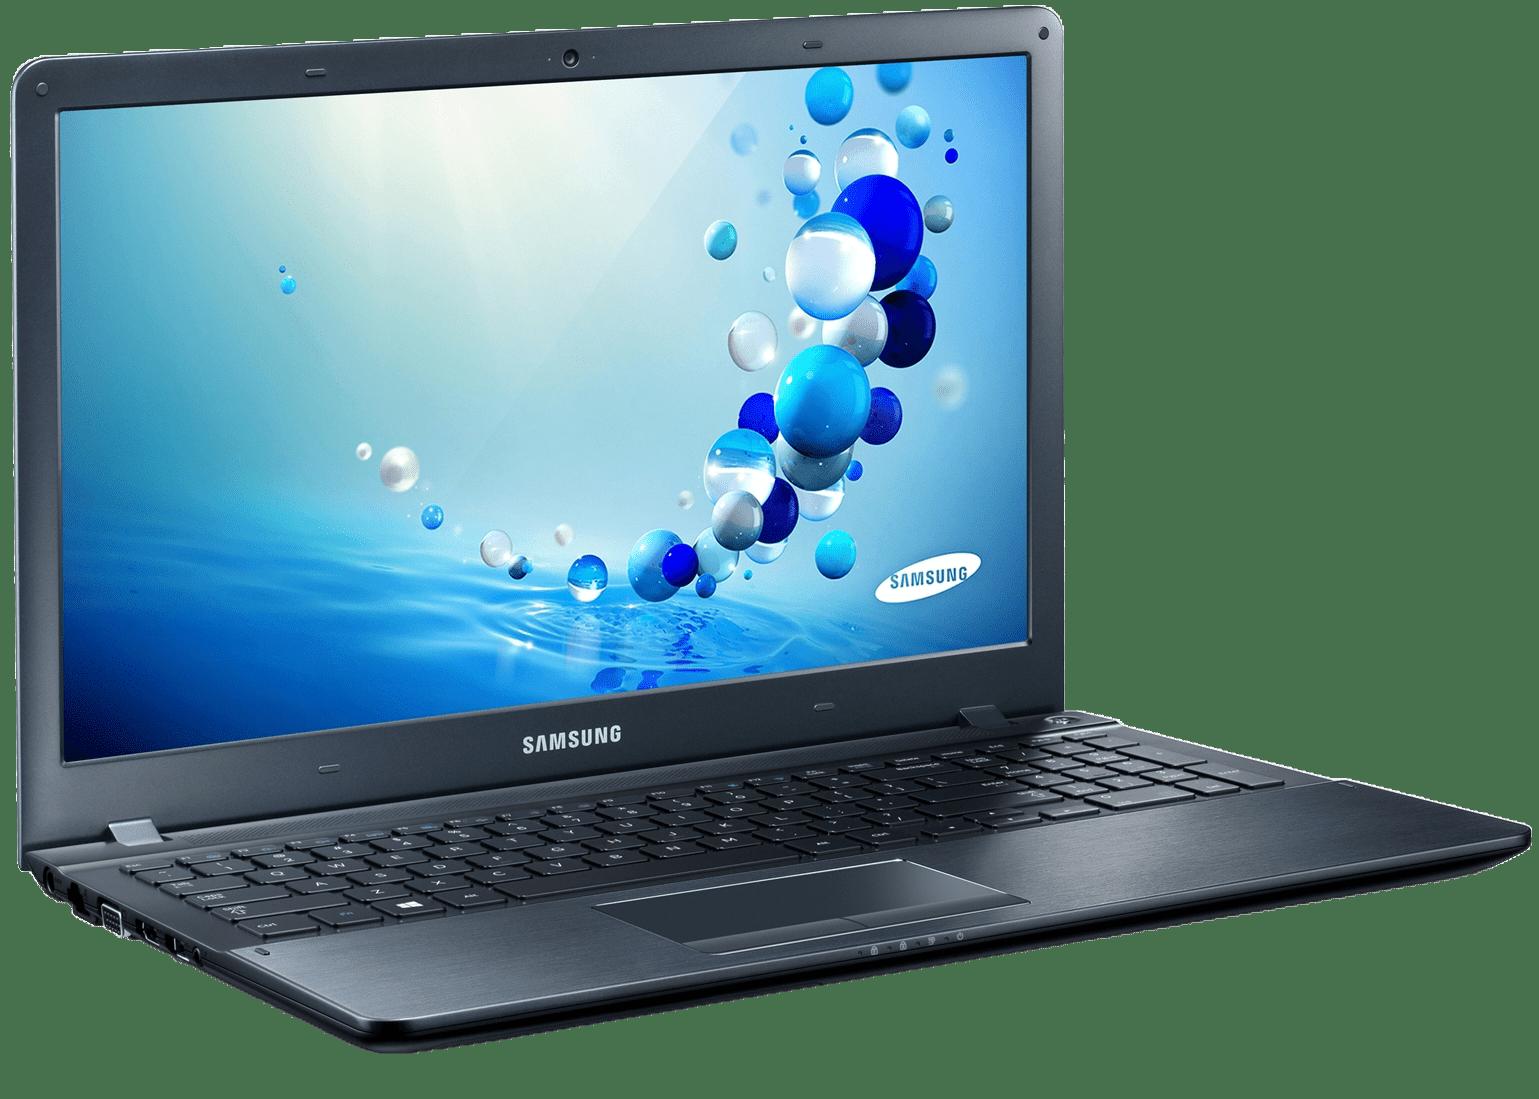 Различия между лэптопом и планшетом